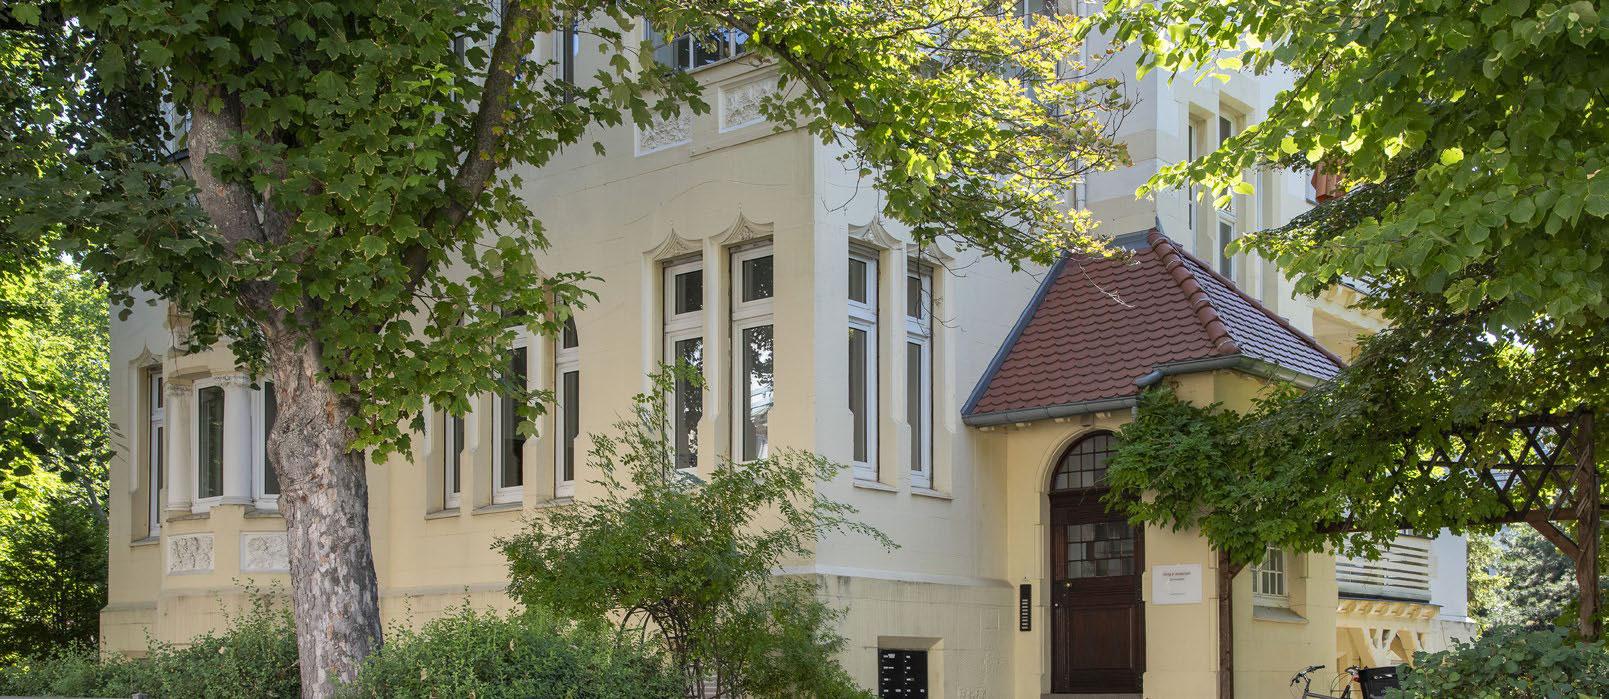 KANZLEI FÜR PROZESS- UND WIRTSCHAFTSRECHT